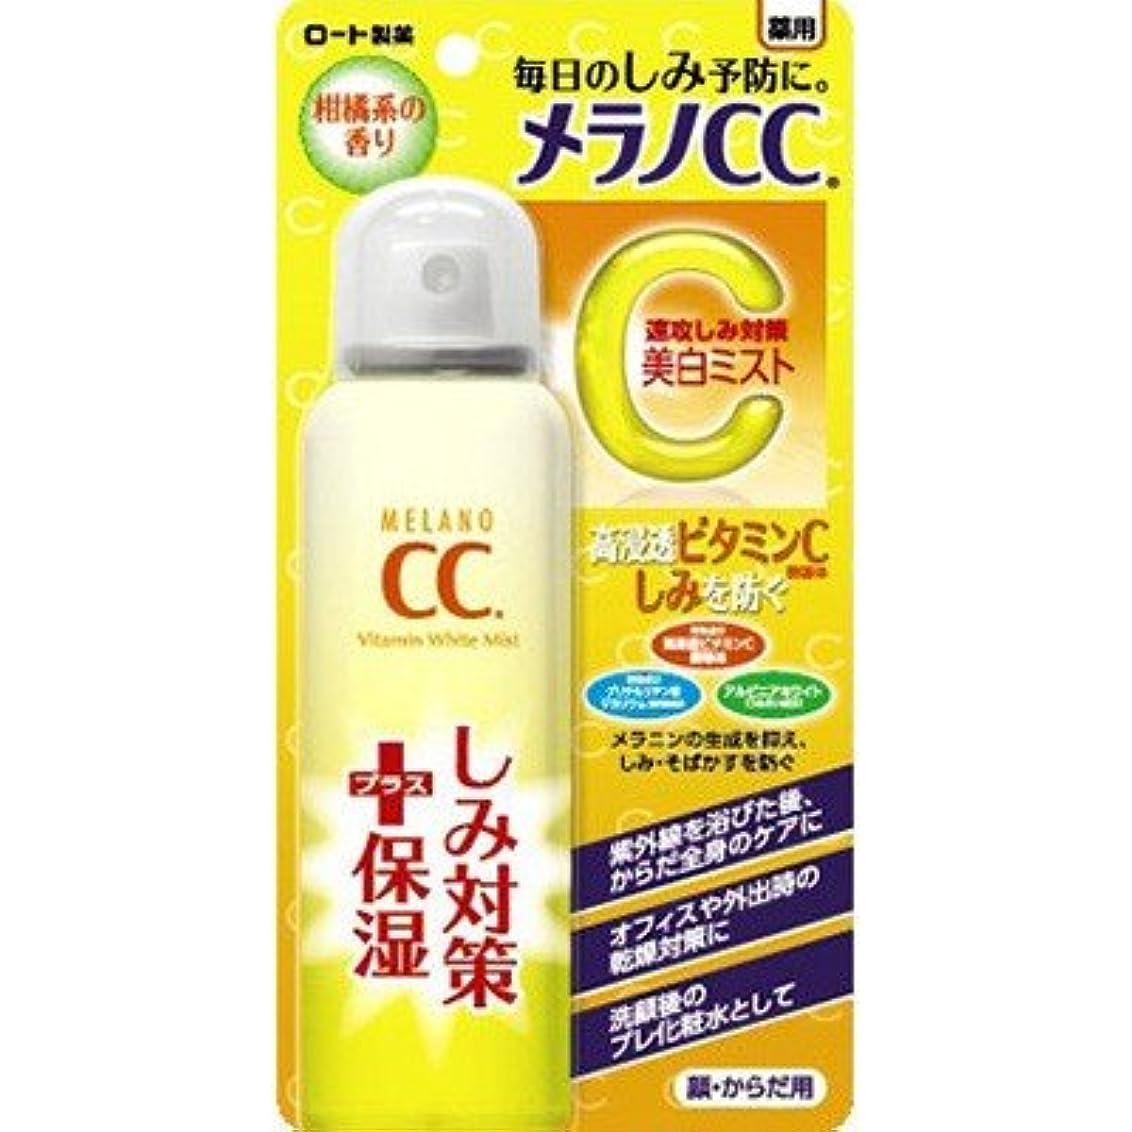 引く下手位置づけるメラノCC 薬用 しみ対策 美白ミスト化粧水 100g [並行輸入品]